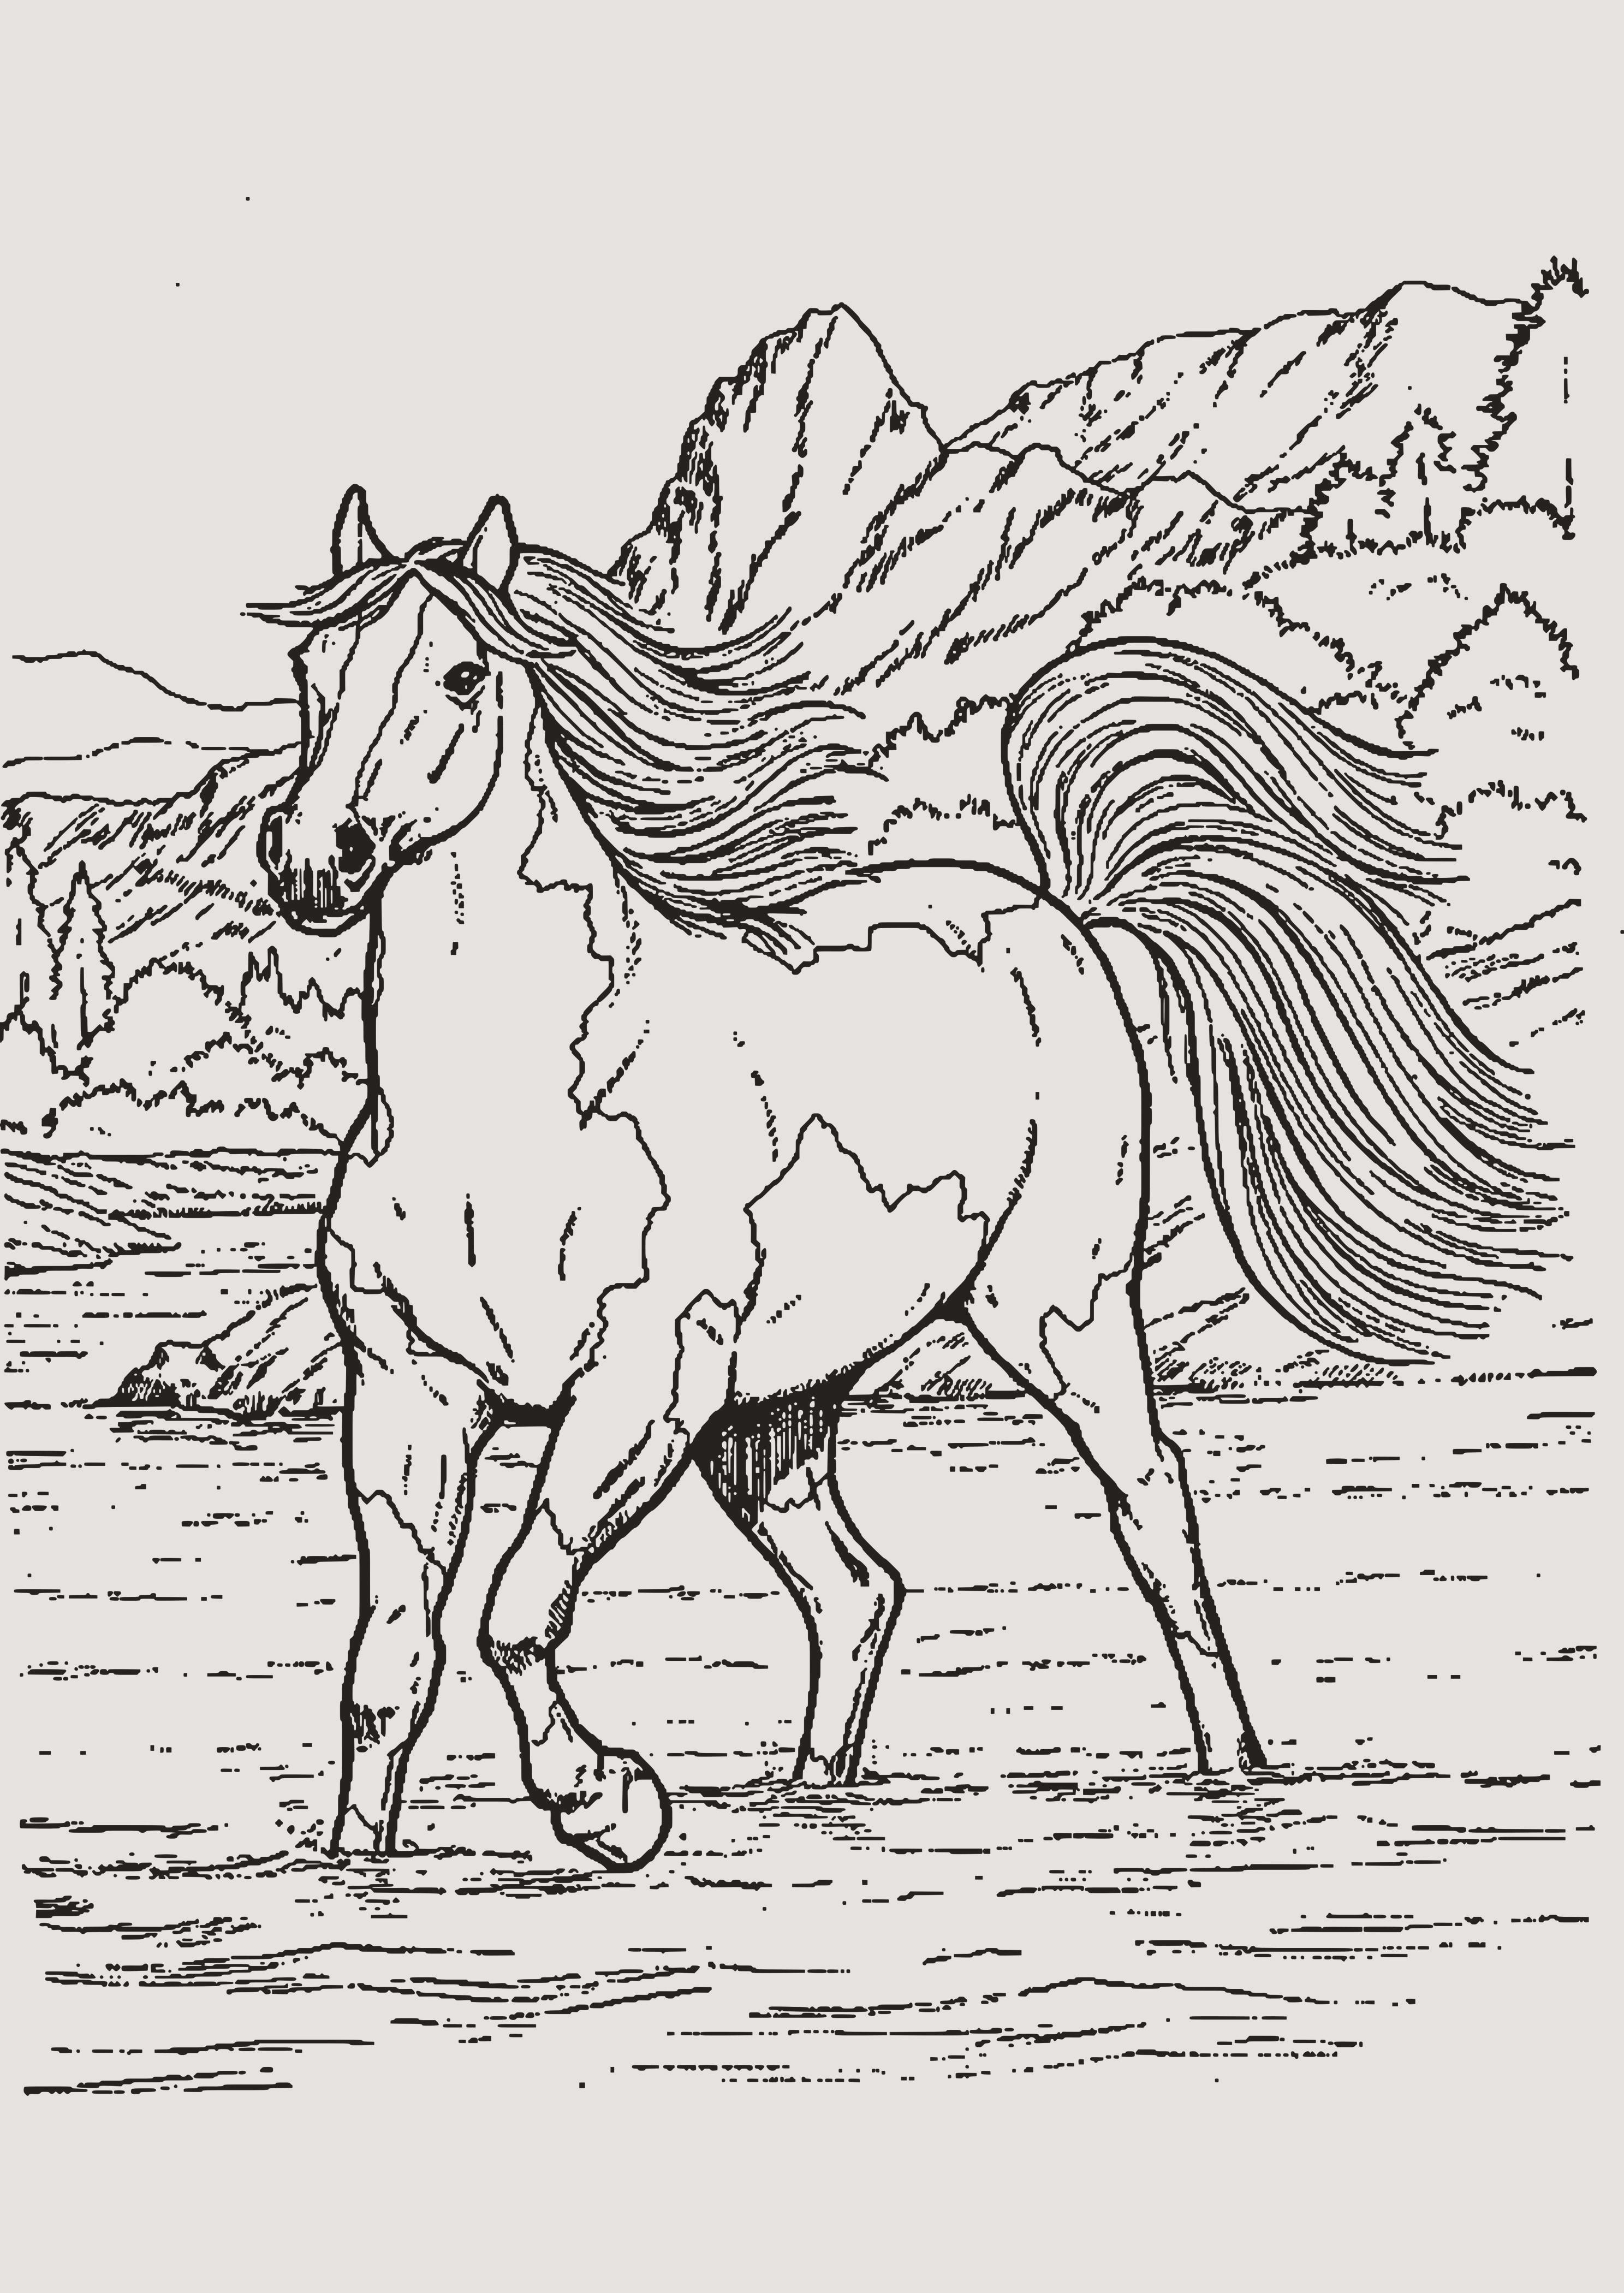 Ausmalbilder Tiere Kostenlos Genial 24 Ausmalbilder Tiere Pferde Bilder